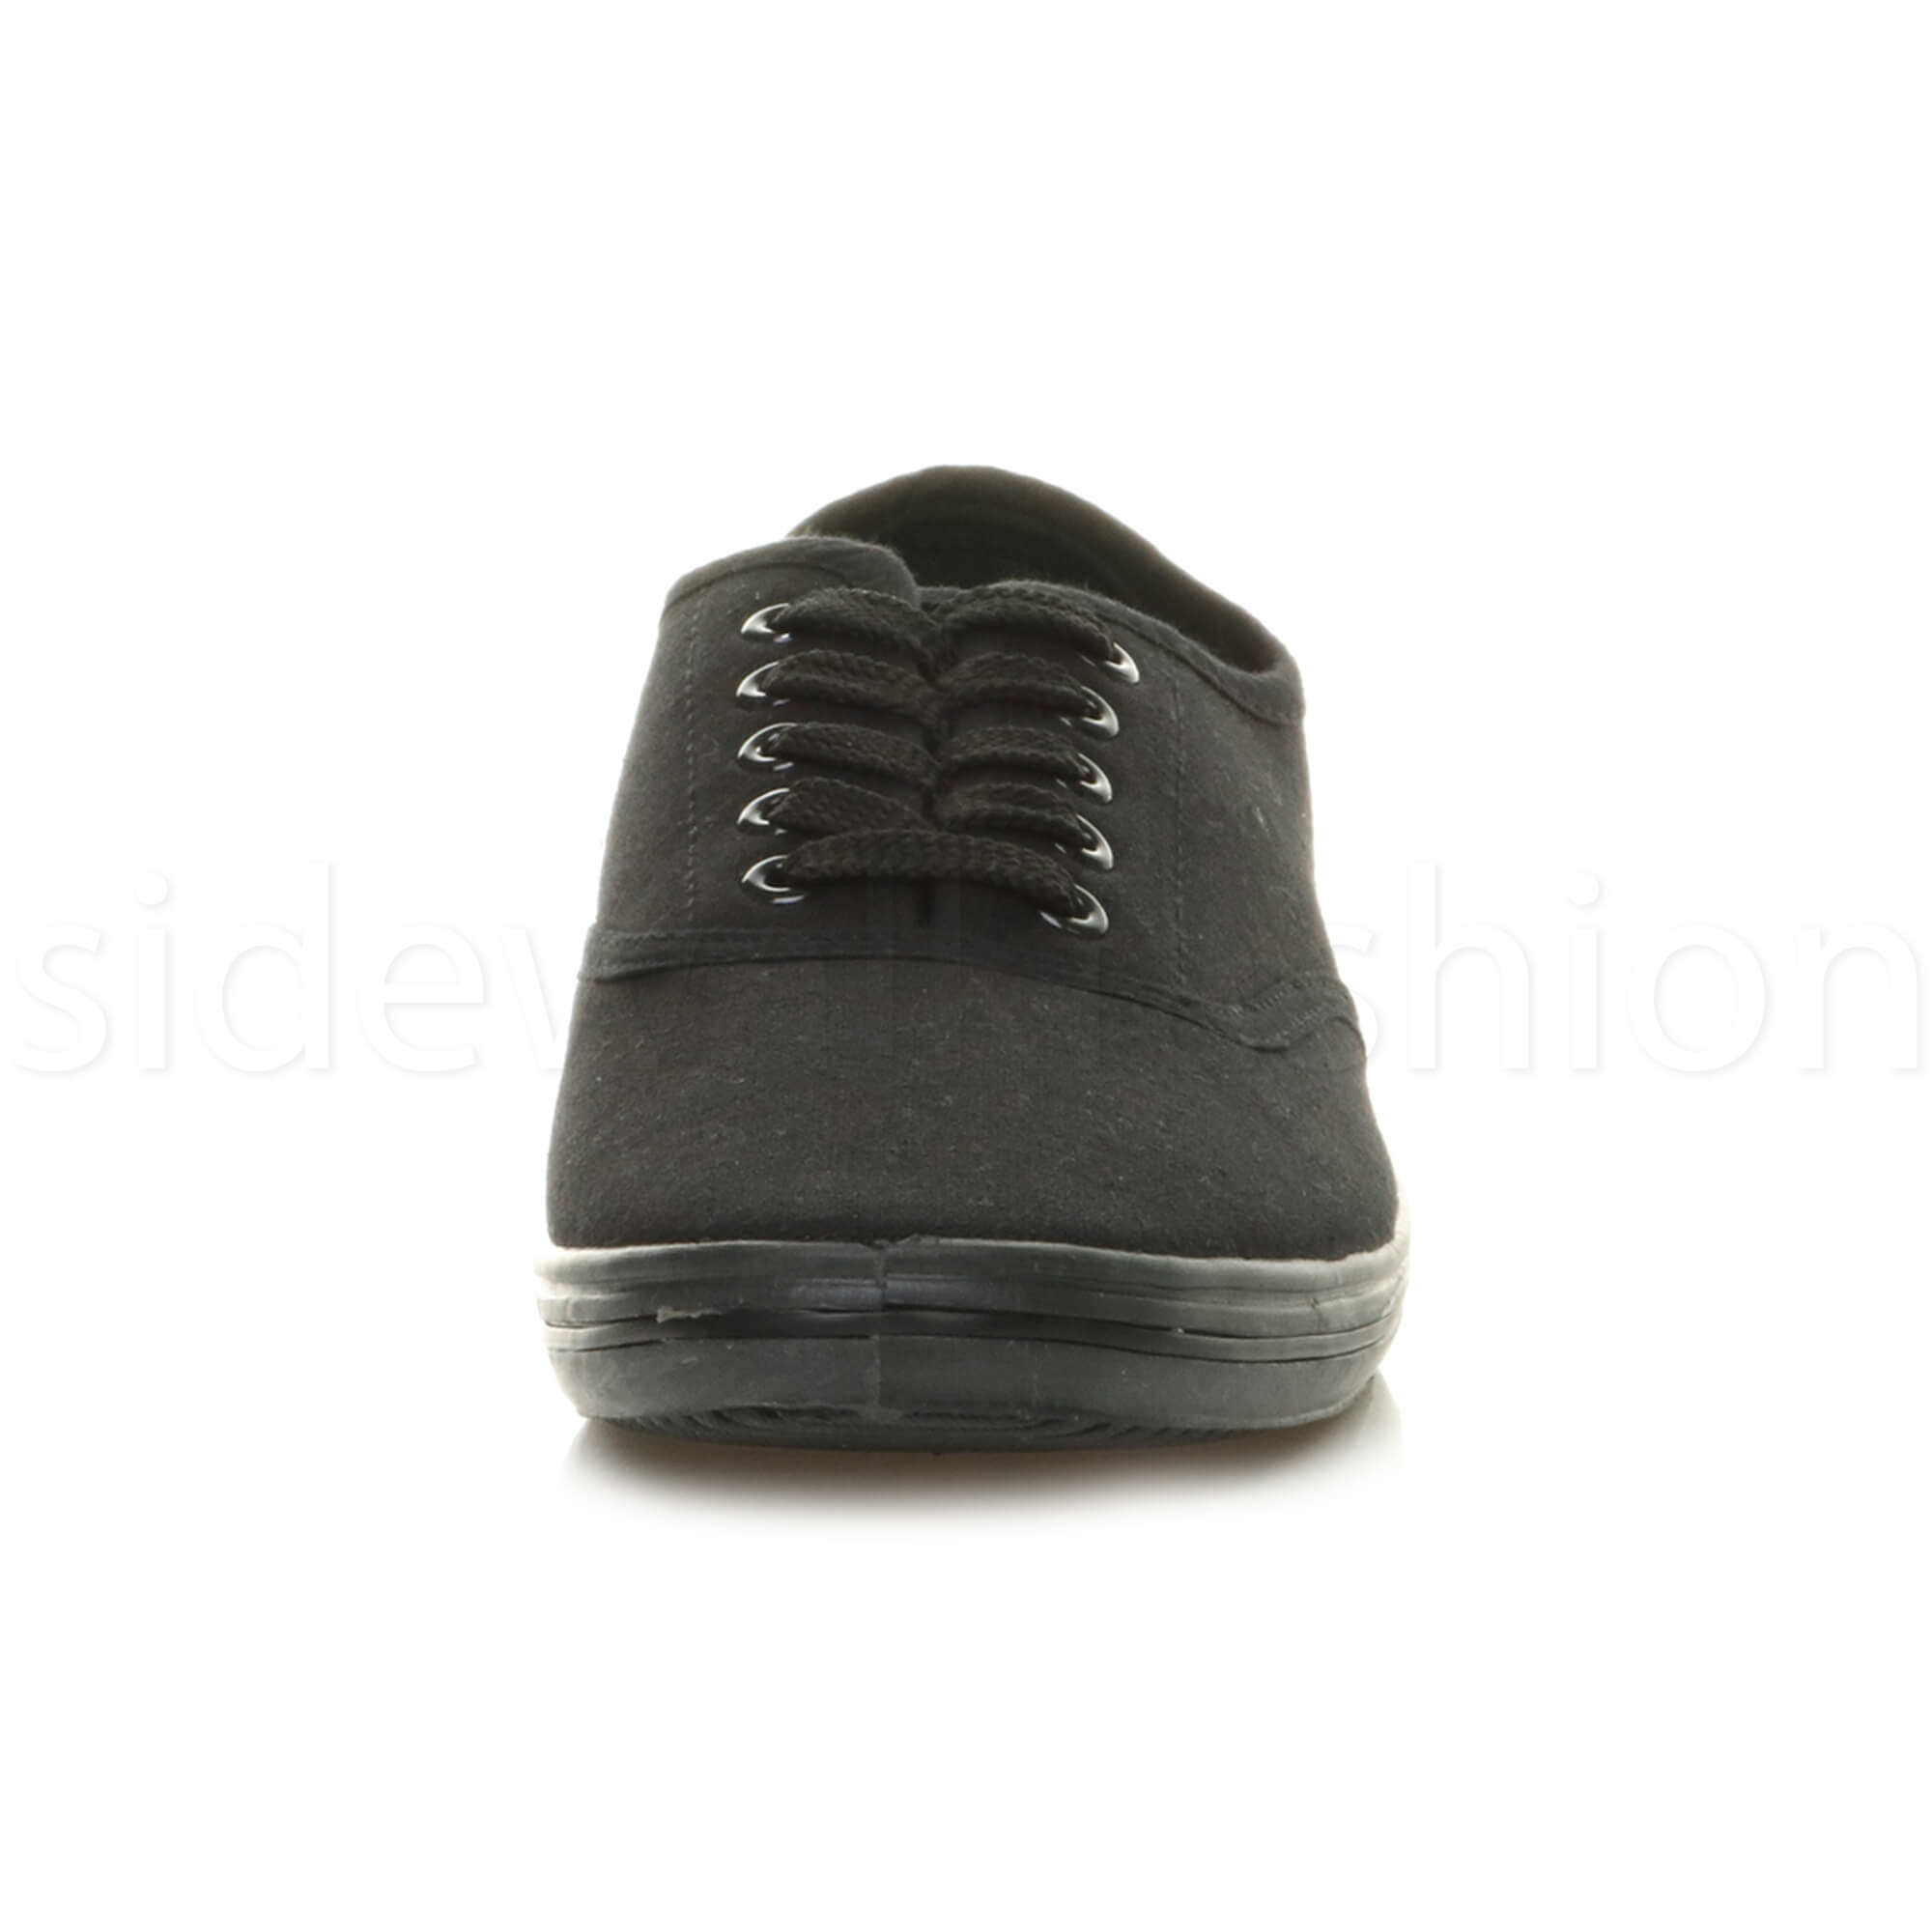 Mens-canvas-trainers-plimsoles-plimsolls-shoes-lace-up-pumps-size thumbnail 7